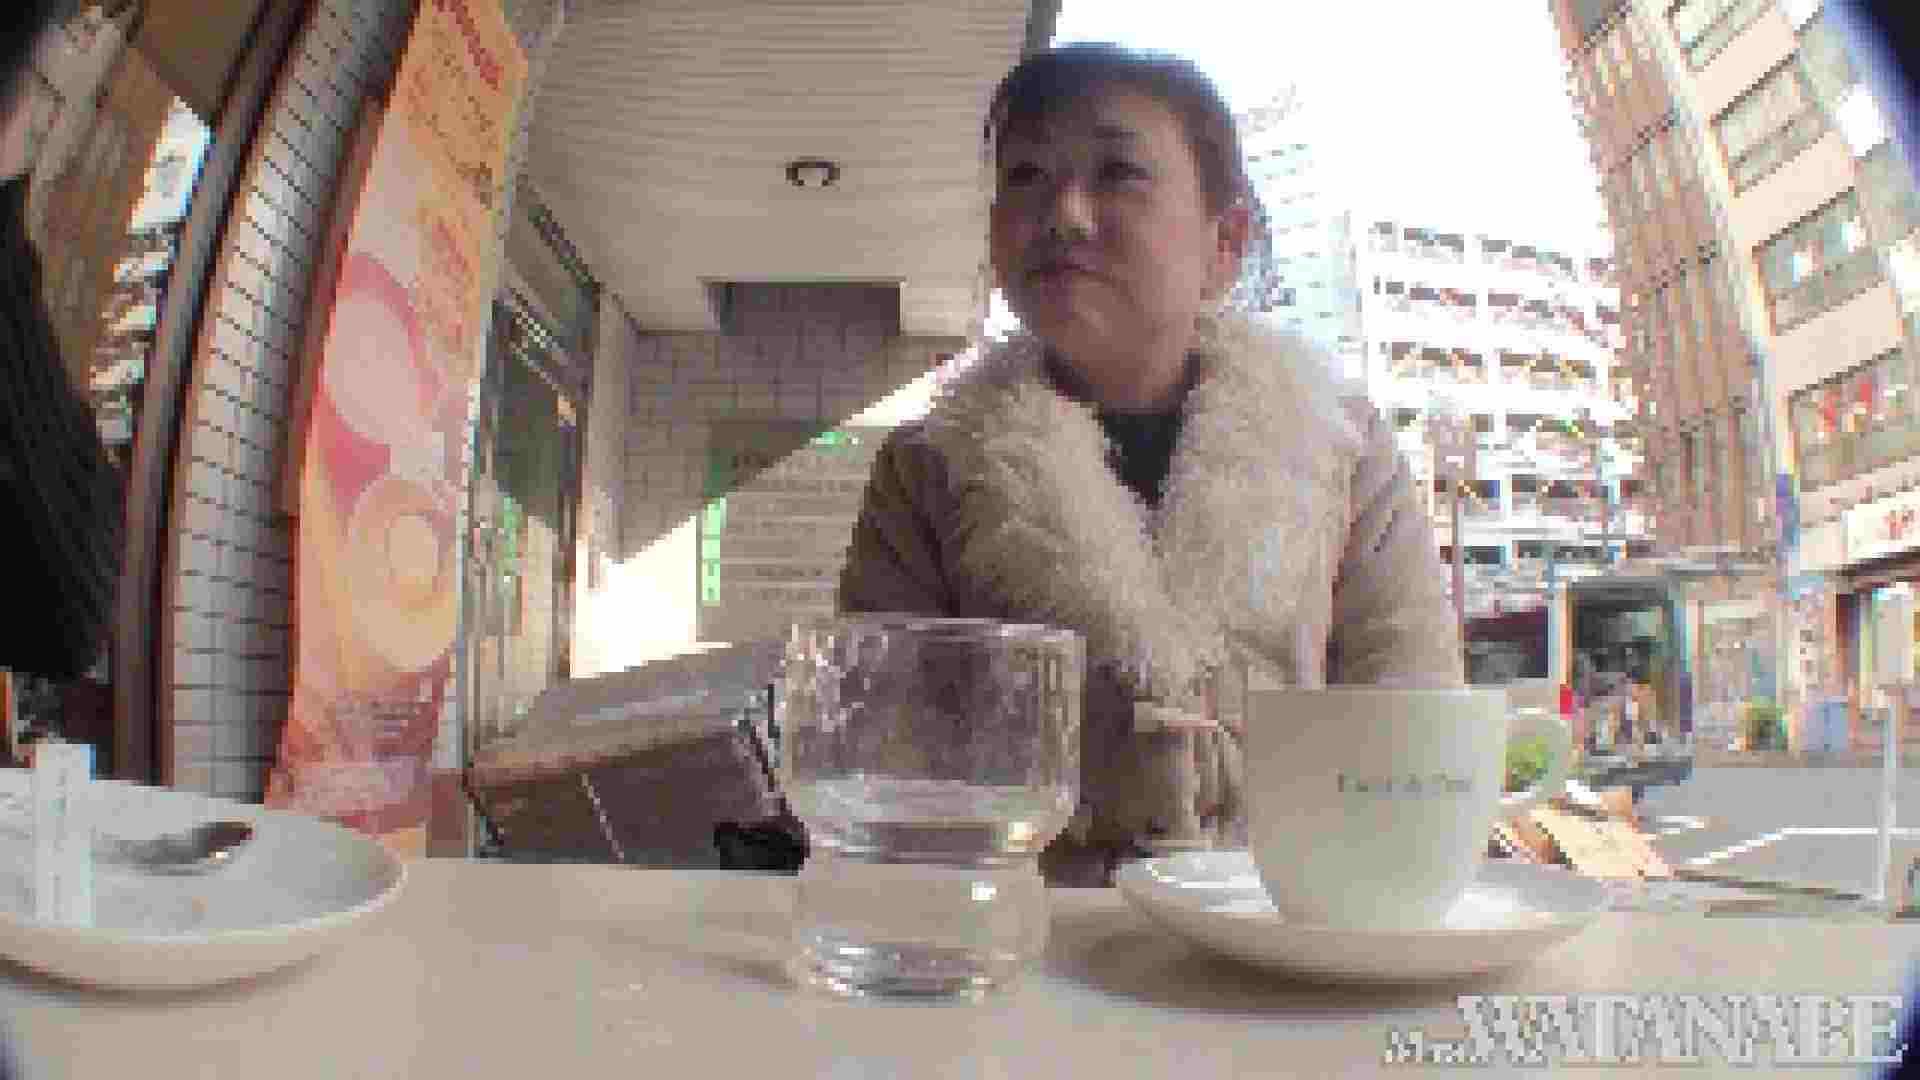 撮影スタッフを誘惑する痴熟女 かおり40歳 Vol.01 素人 オマンコ動画キャプチャ 82pic 33